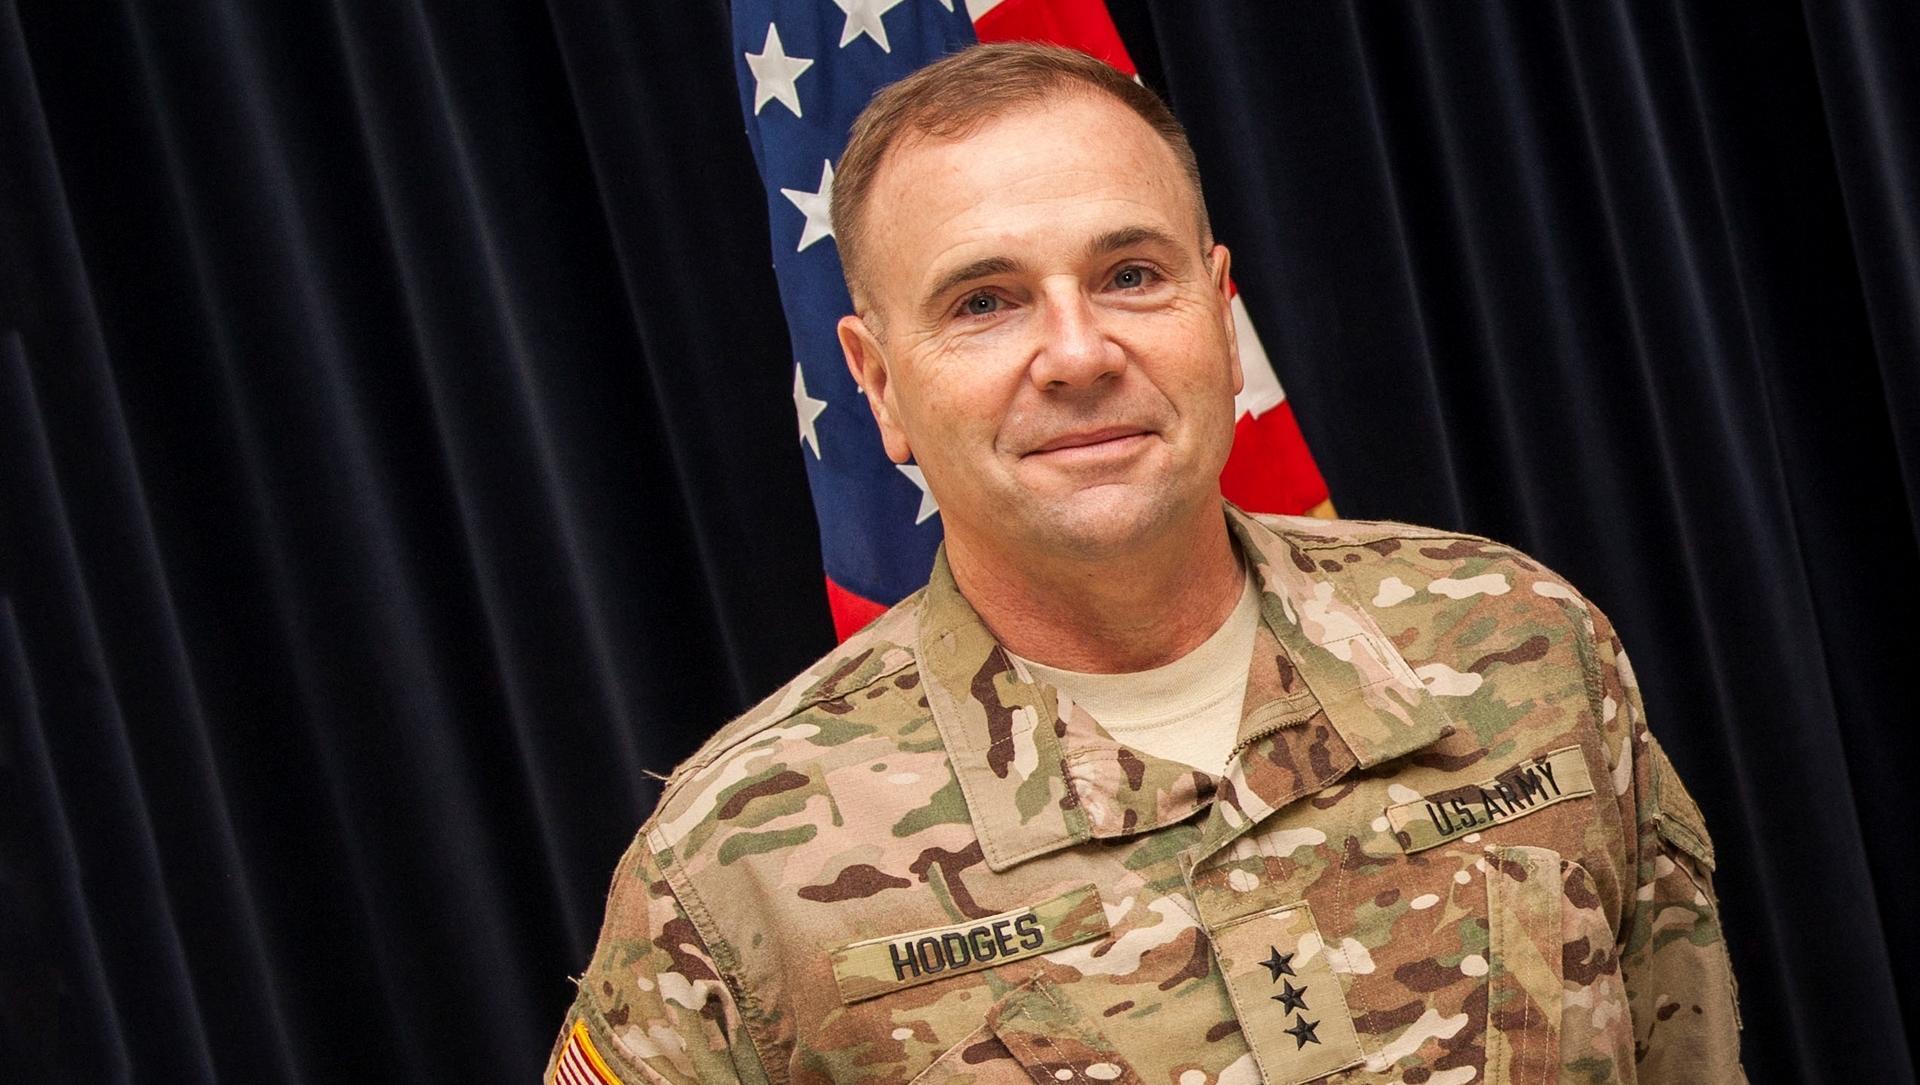 Бывший генерал ВС США призывает вернуть американских военных в страны Балтии